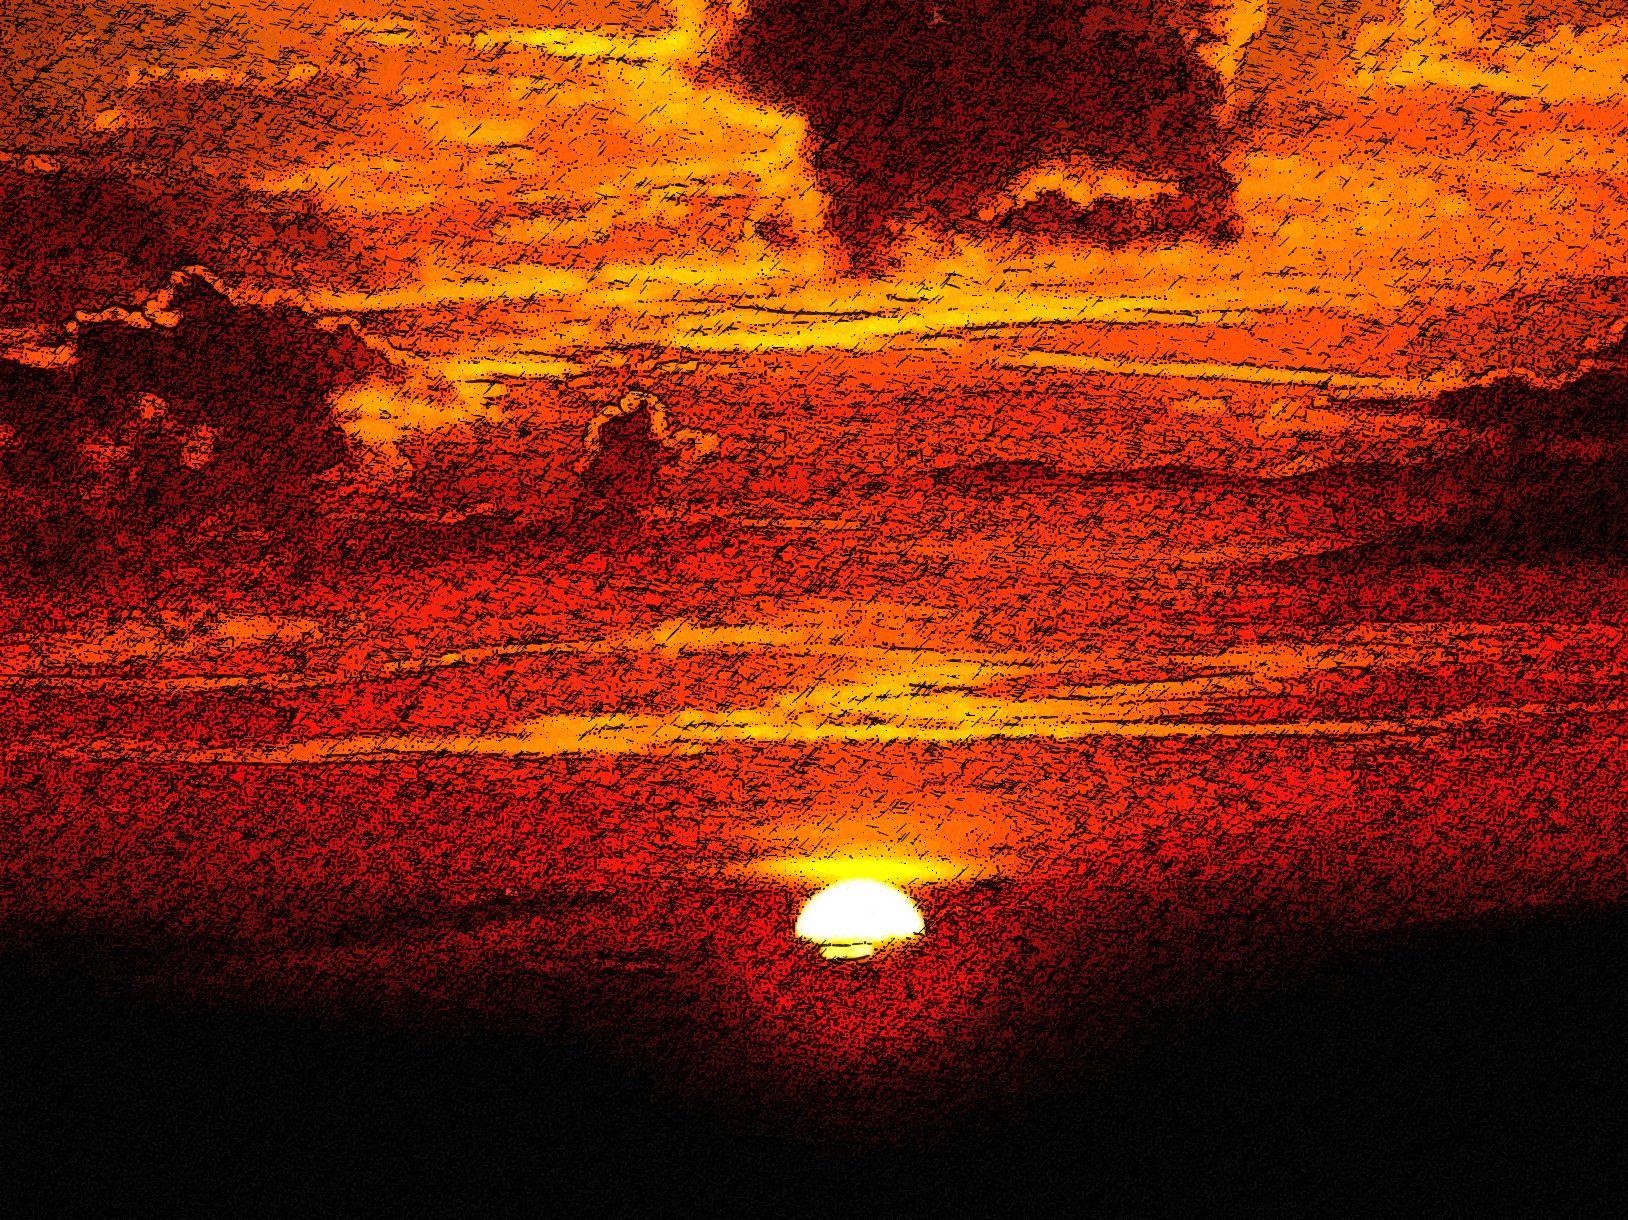 ¿Cuándo podría Comenzar la Gran Tribulación? [análisis de 2 profecías]